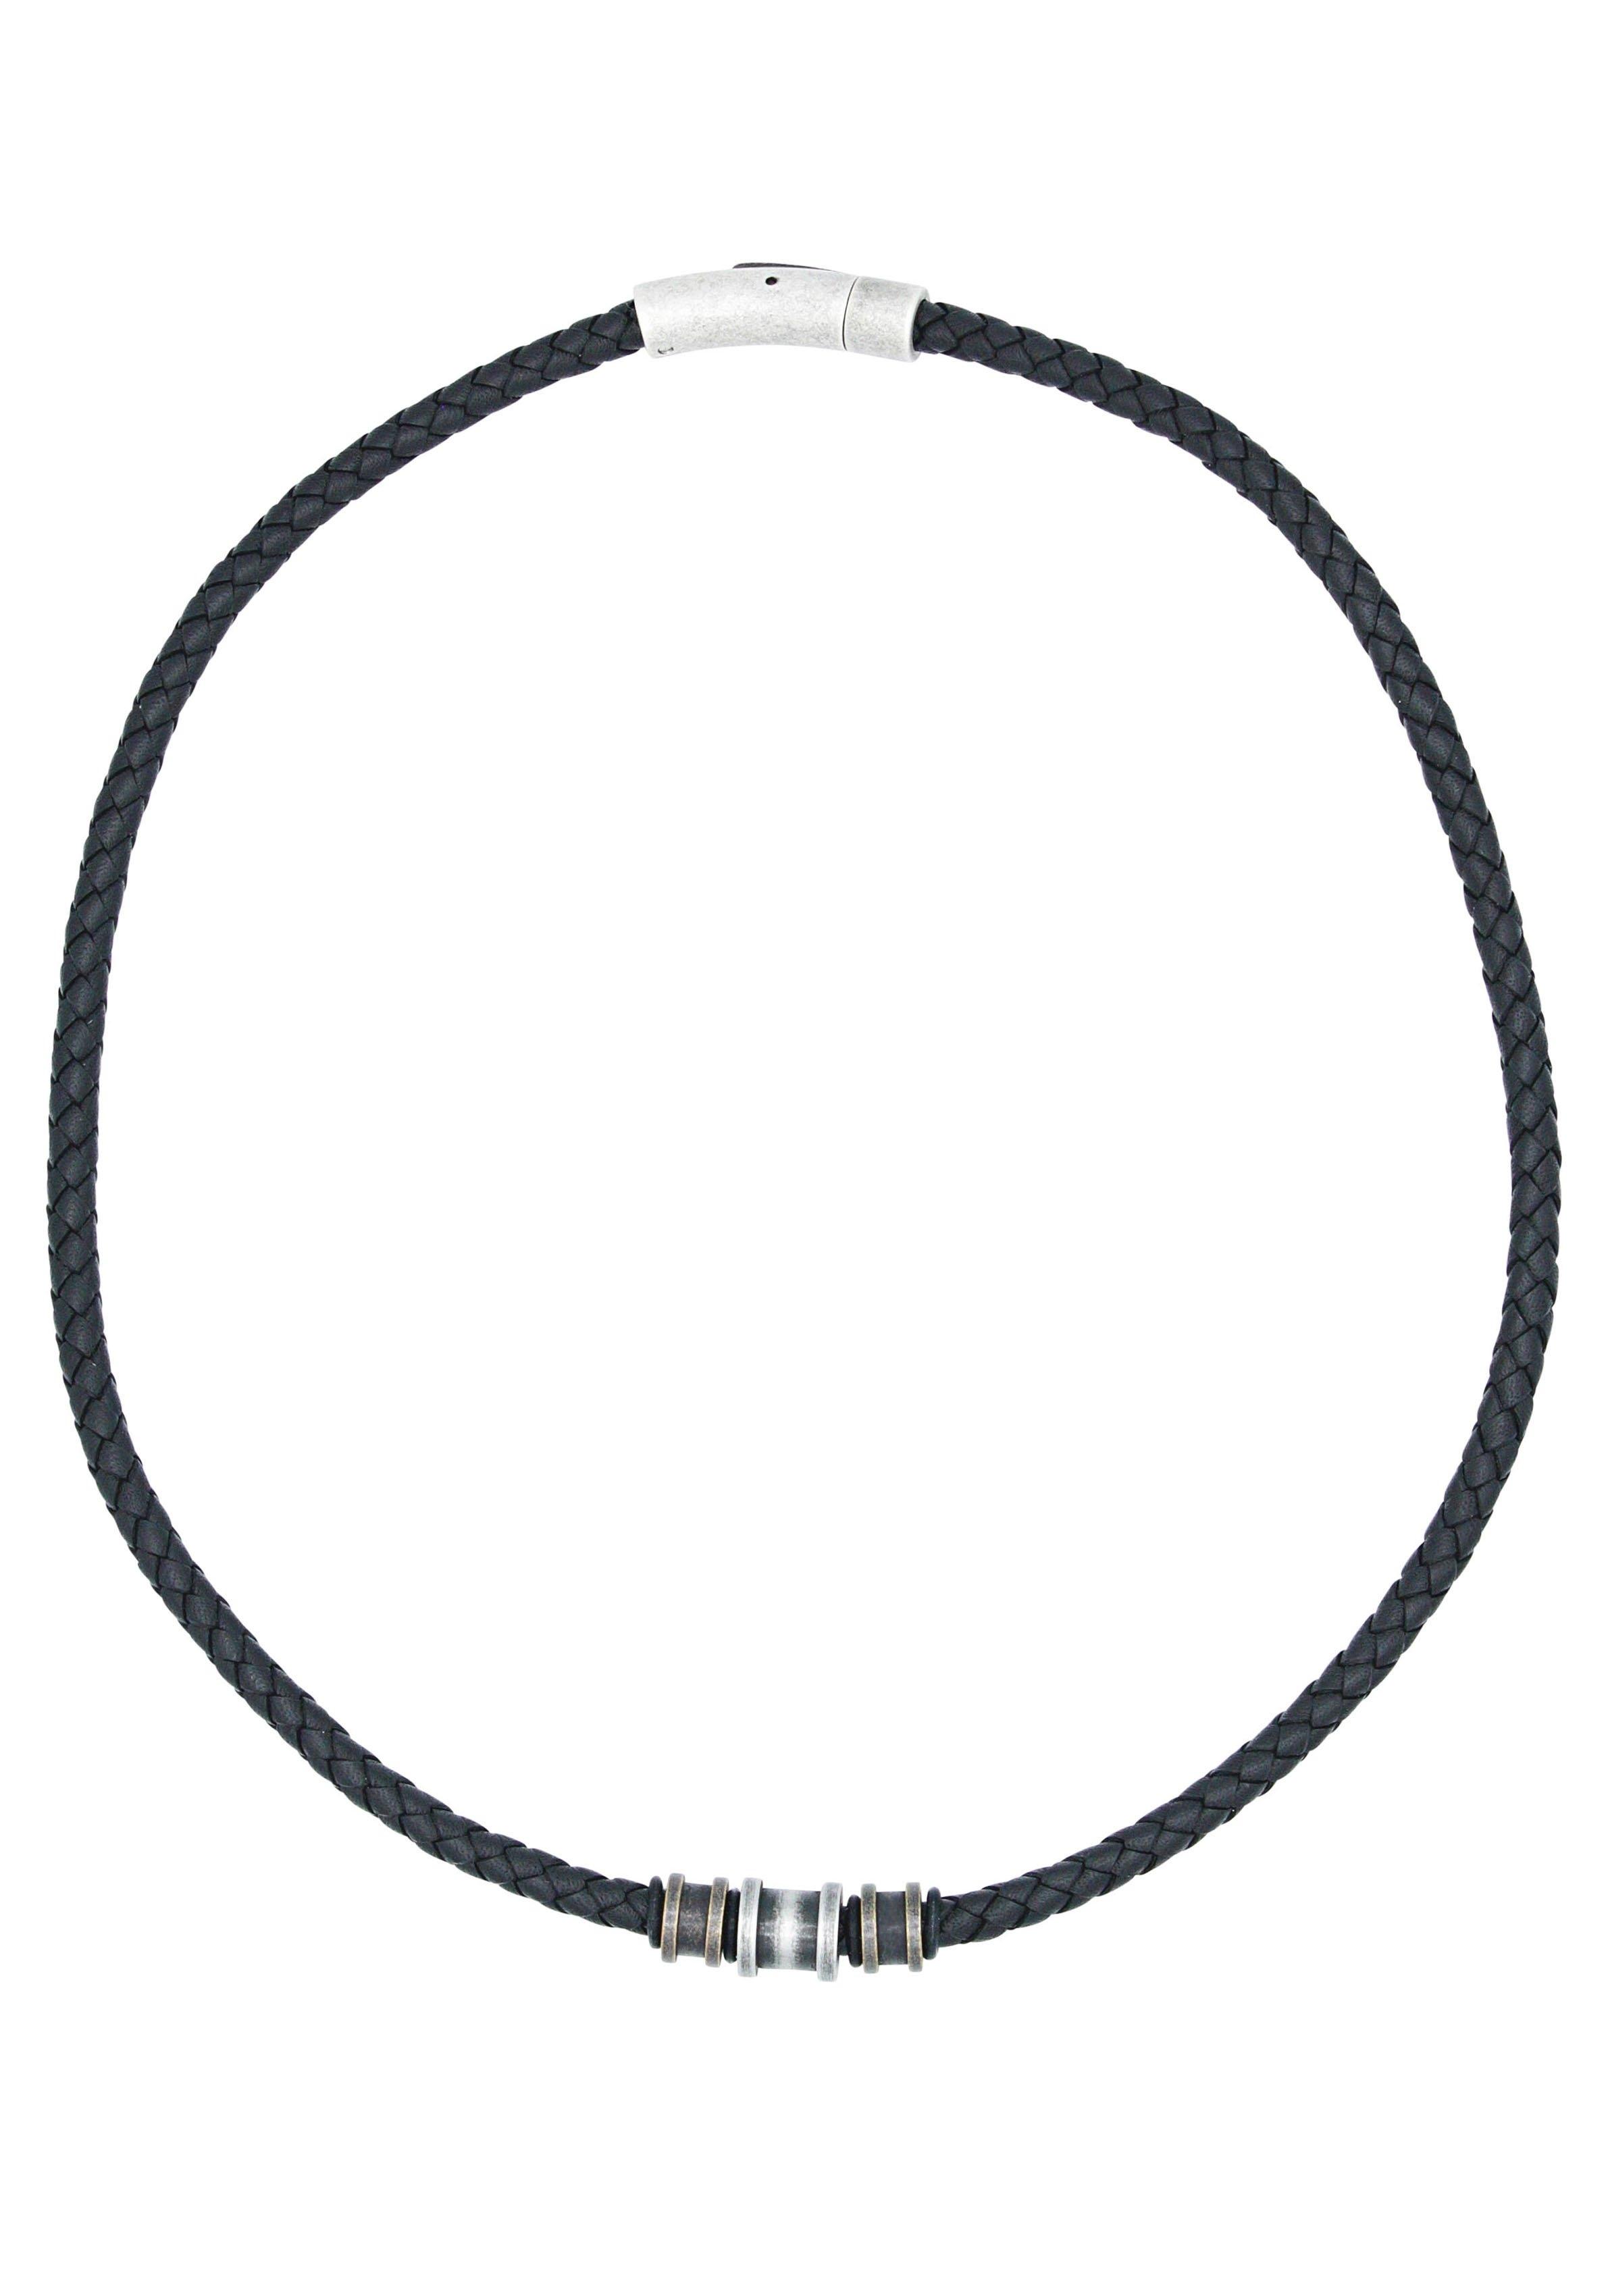 STEELWEAR Ketting met hanger Barcelona, SW-633 nu online kopen bij OTTO